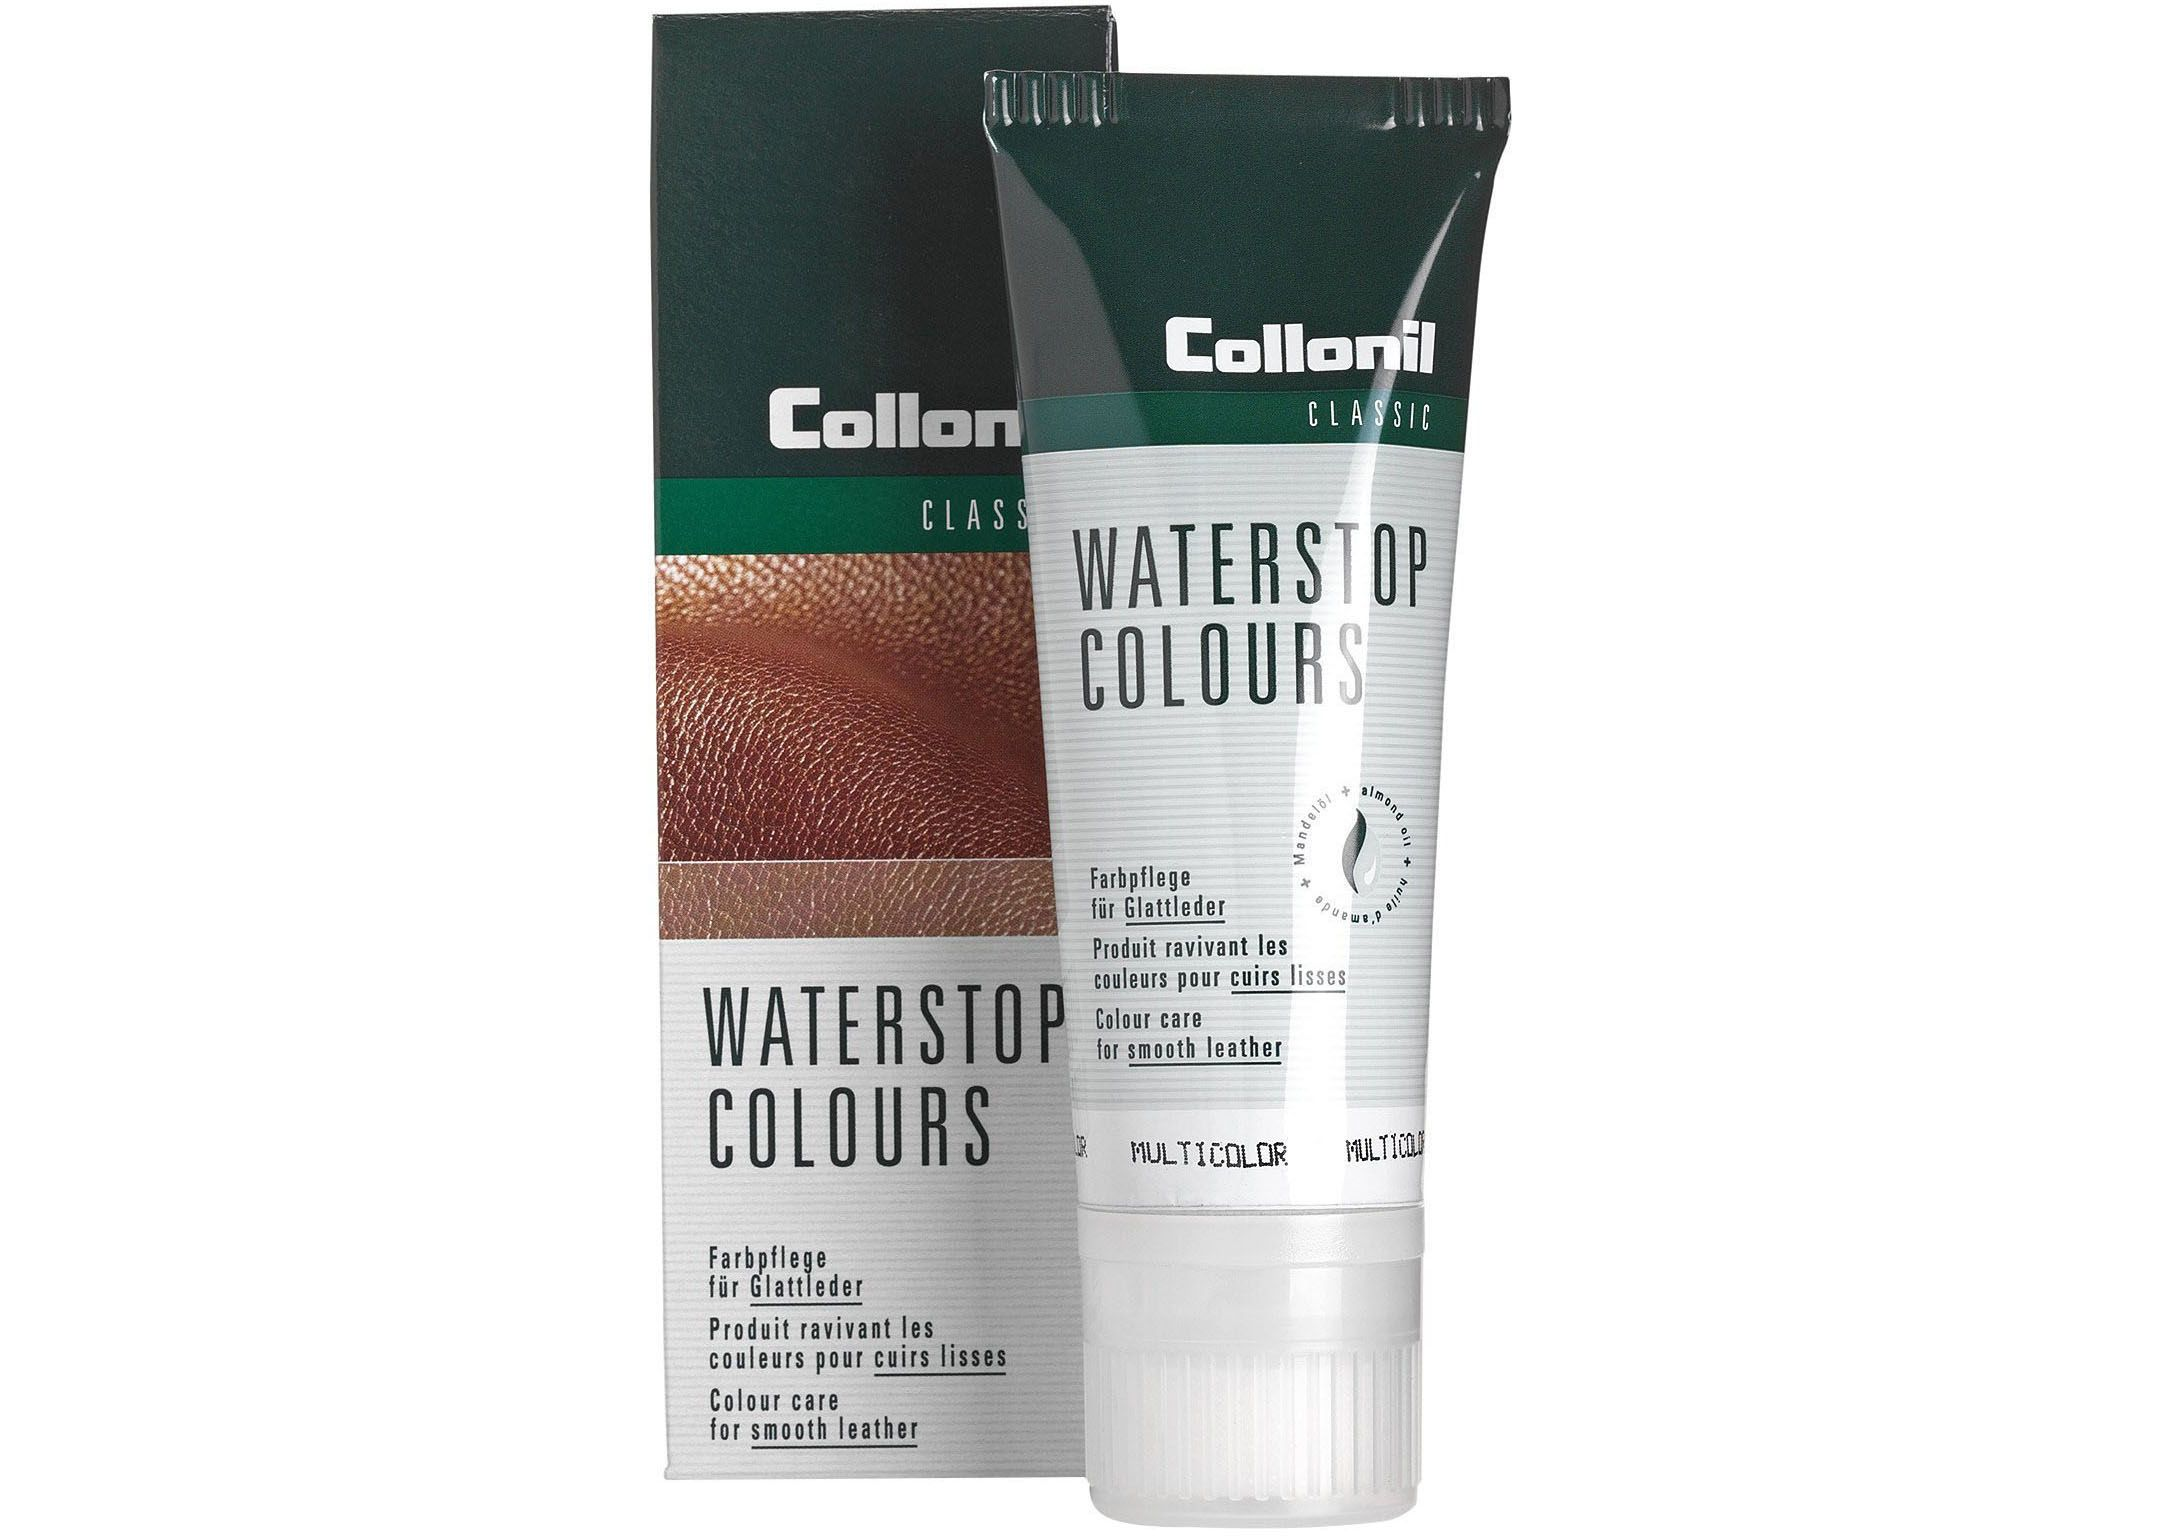 Collonil WATERSTOP COLOURS - Farbpflege für Glattleder (neutral)